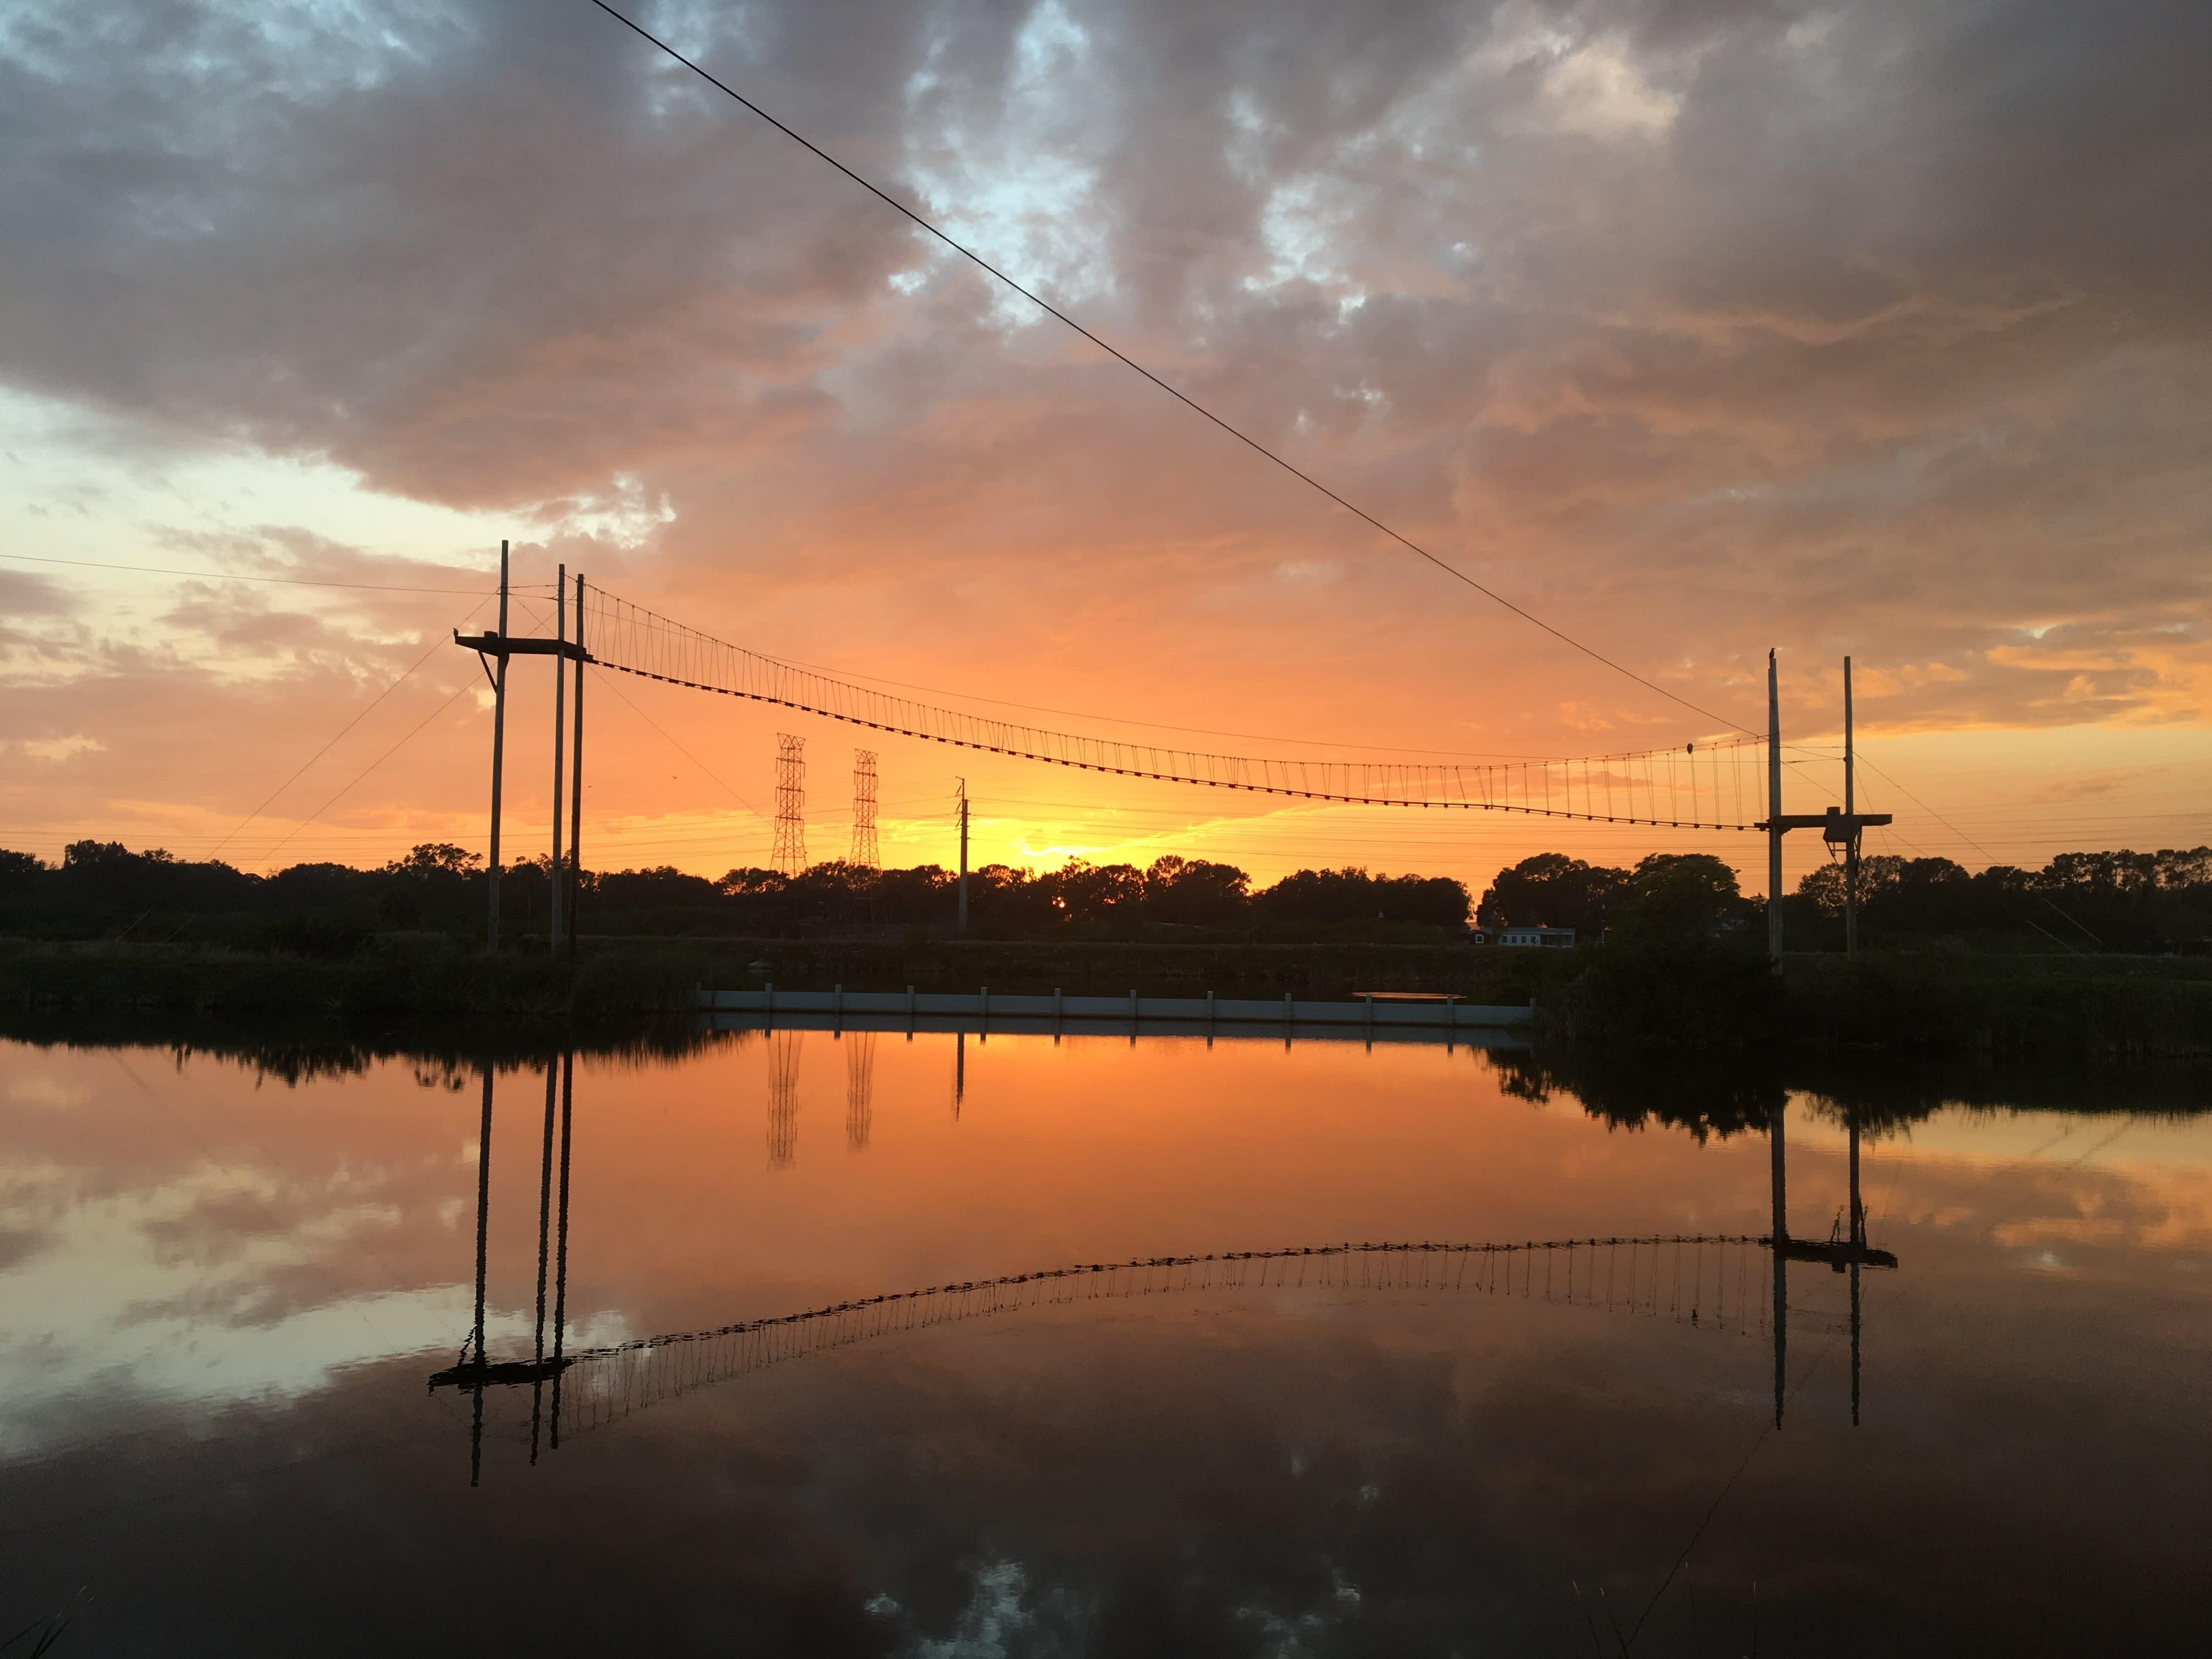 Sunset Zip Line Adventures